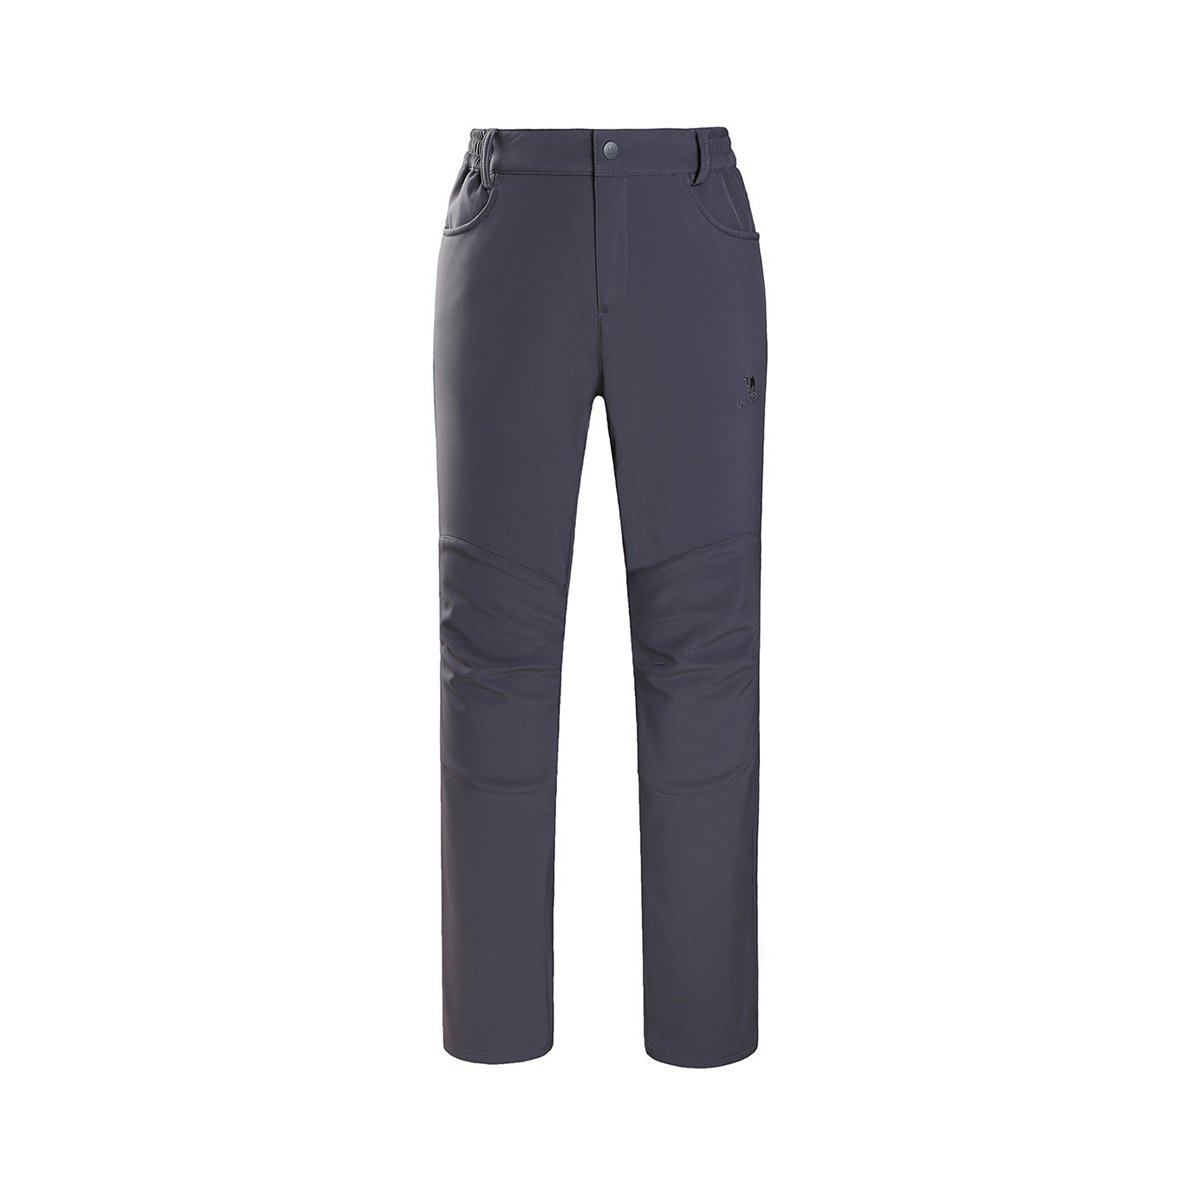 骆驼骆驼户外徒步运动旅游登山裤透气舒适潮流时尚简约 女款软壳裤A7W135118AS4